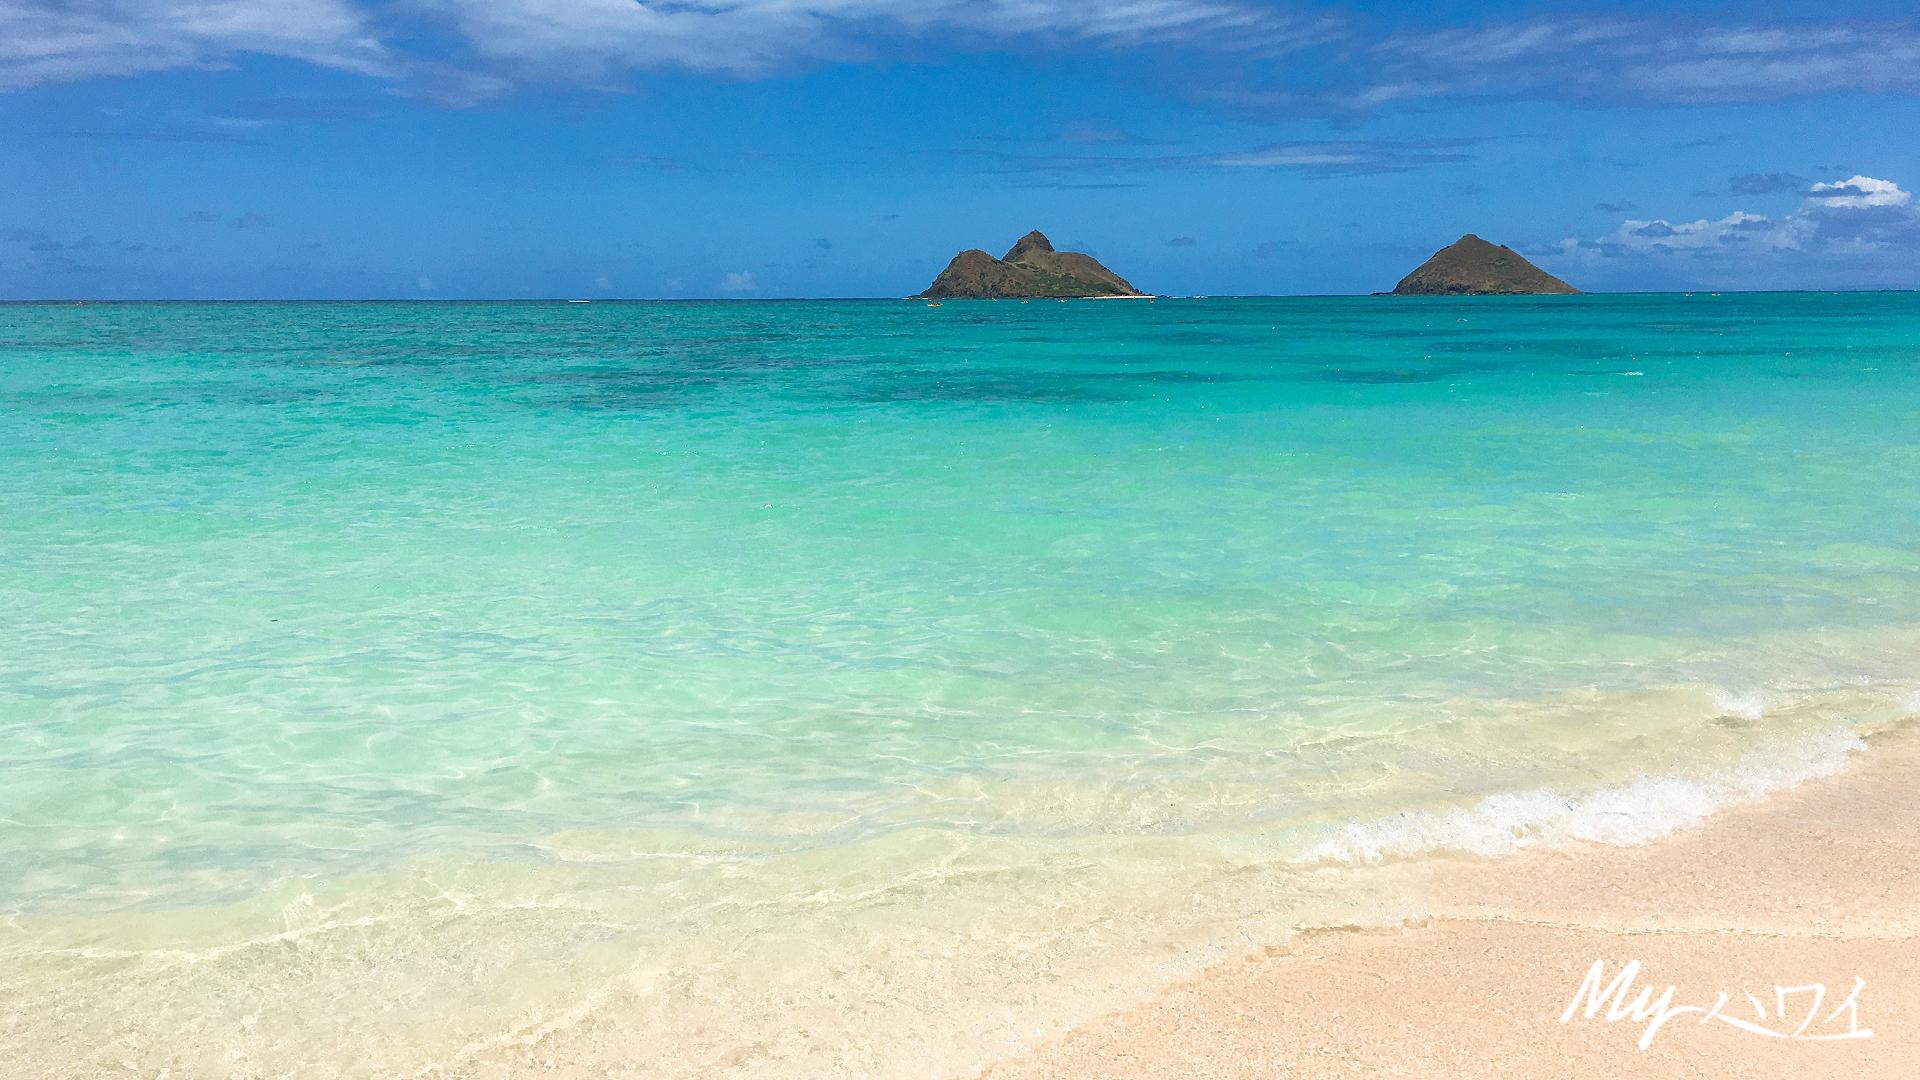 ハワイの景色をデスクトップの壁紙やzoomの背景に